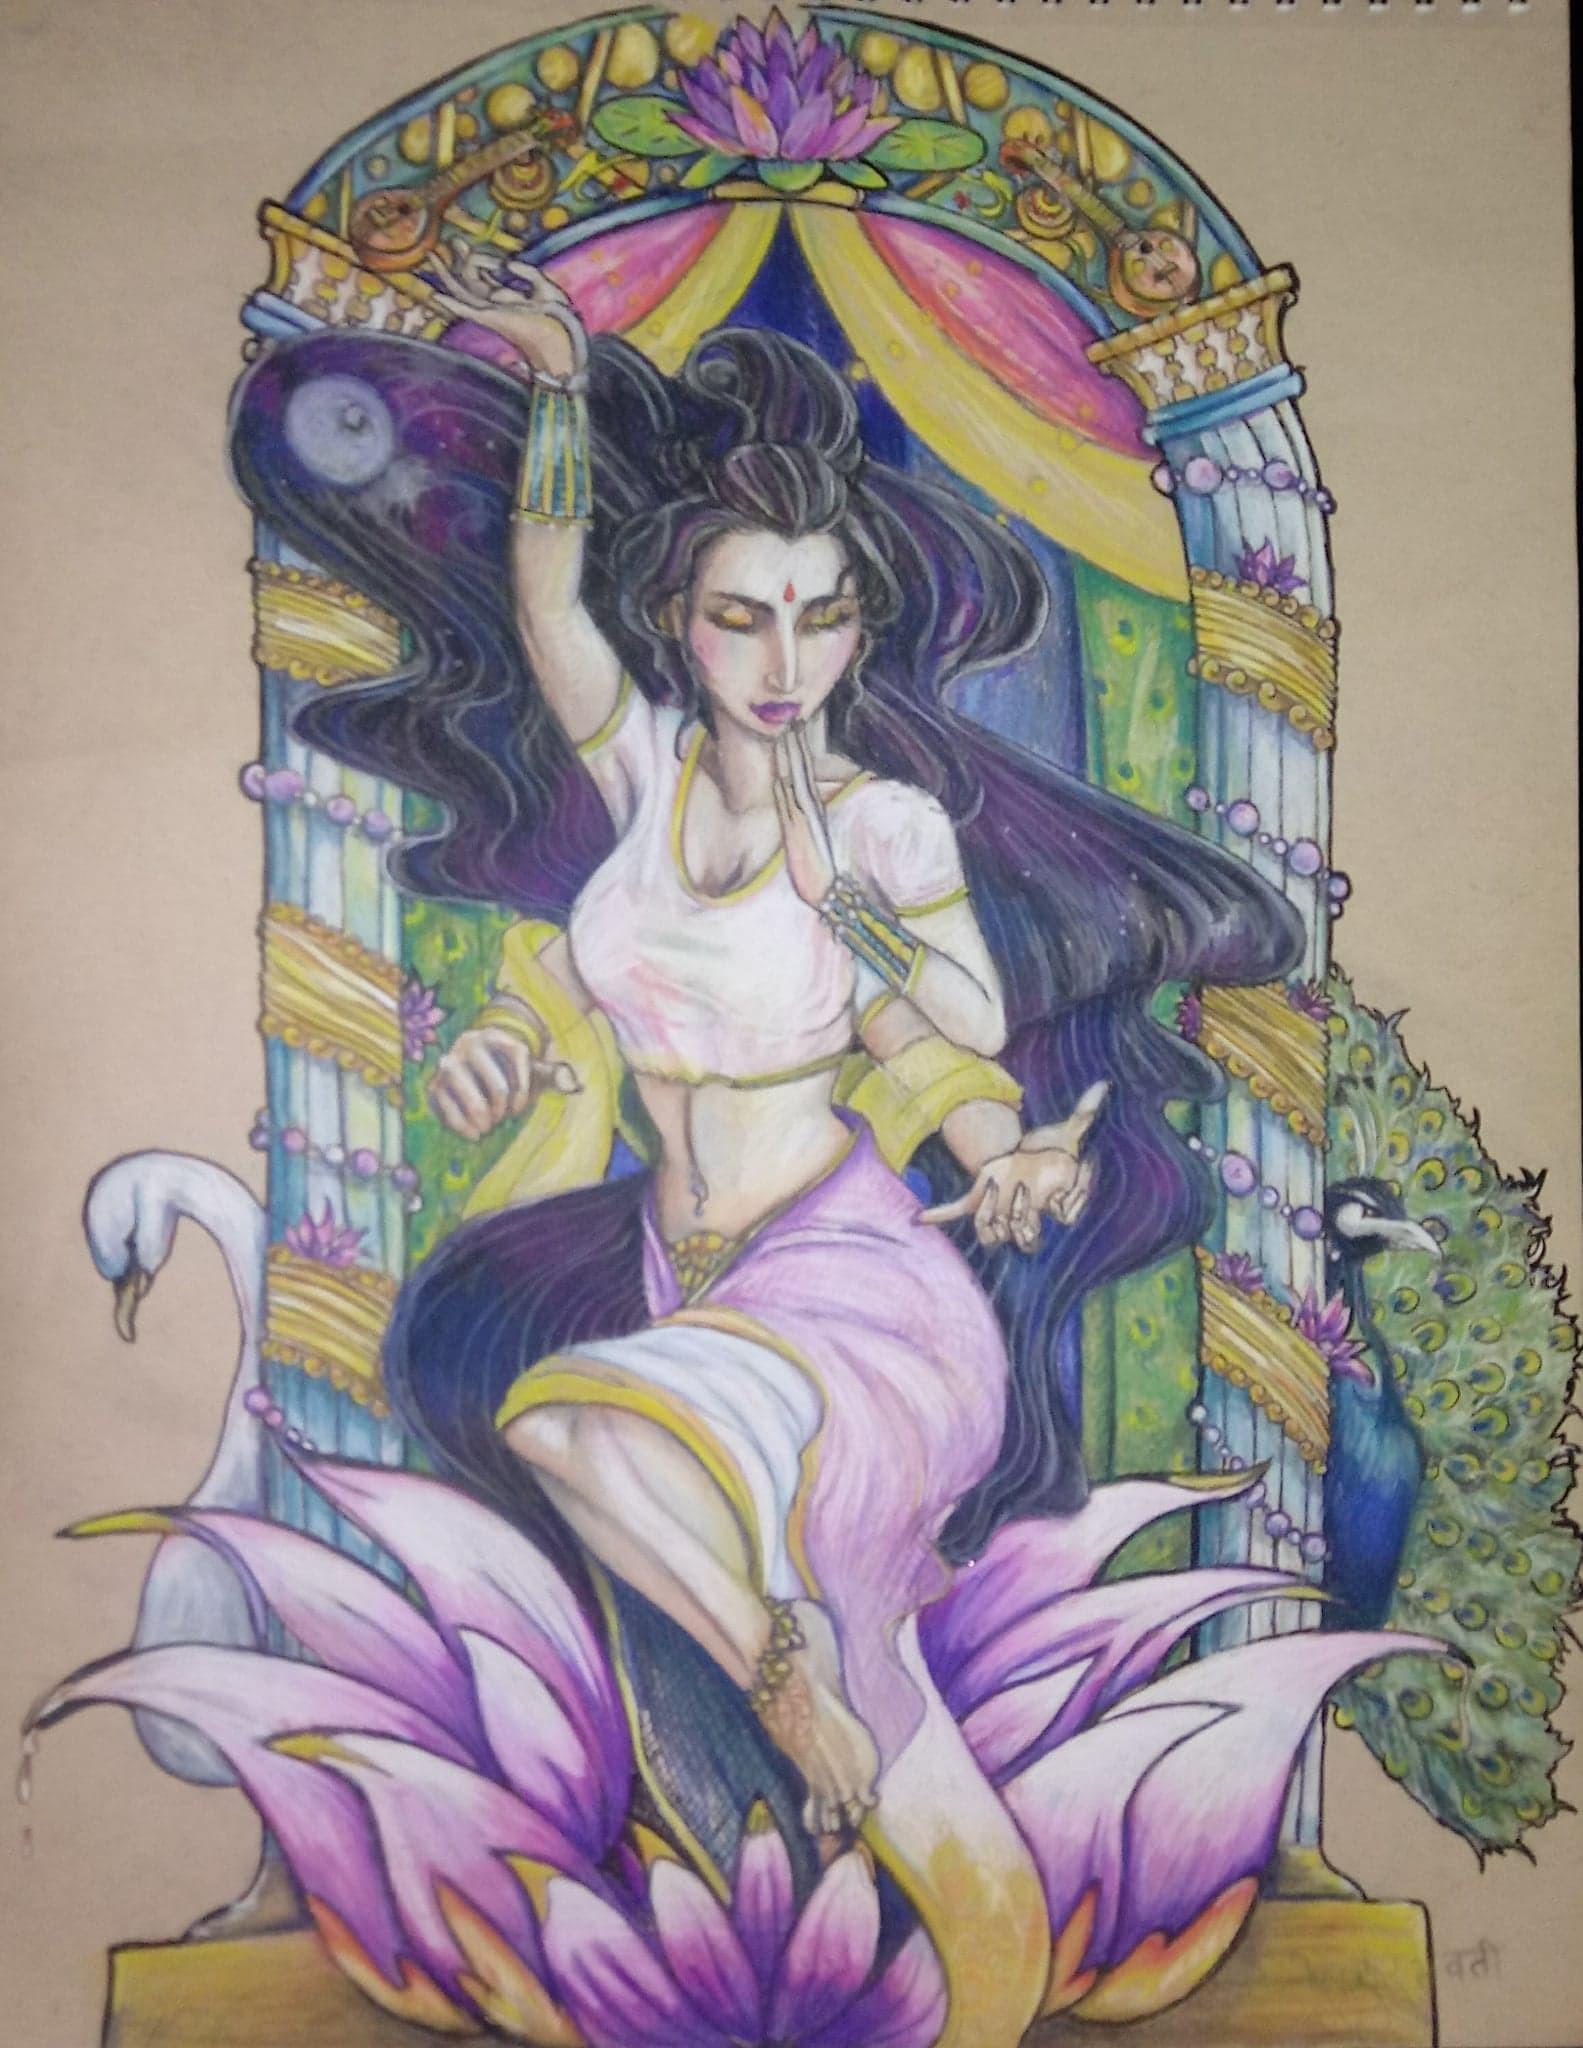 Inspired by the Hindu goddess Sarasvati/Saraswati.